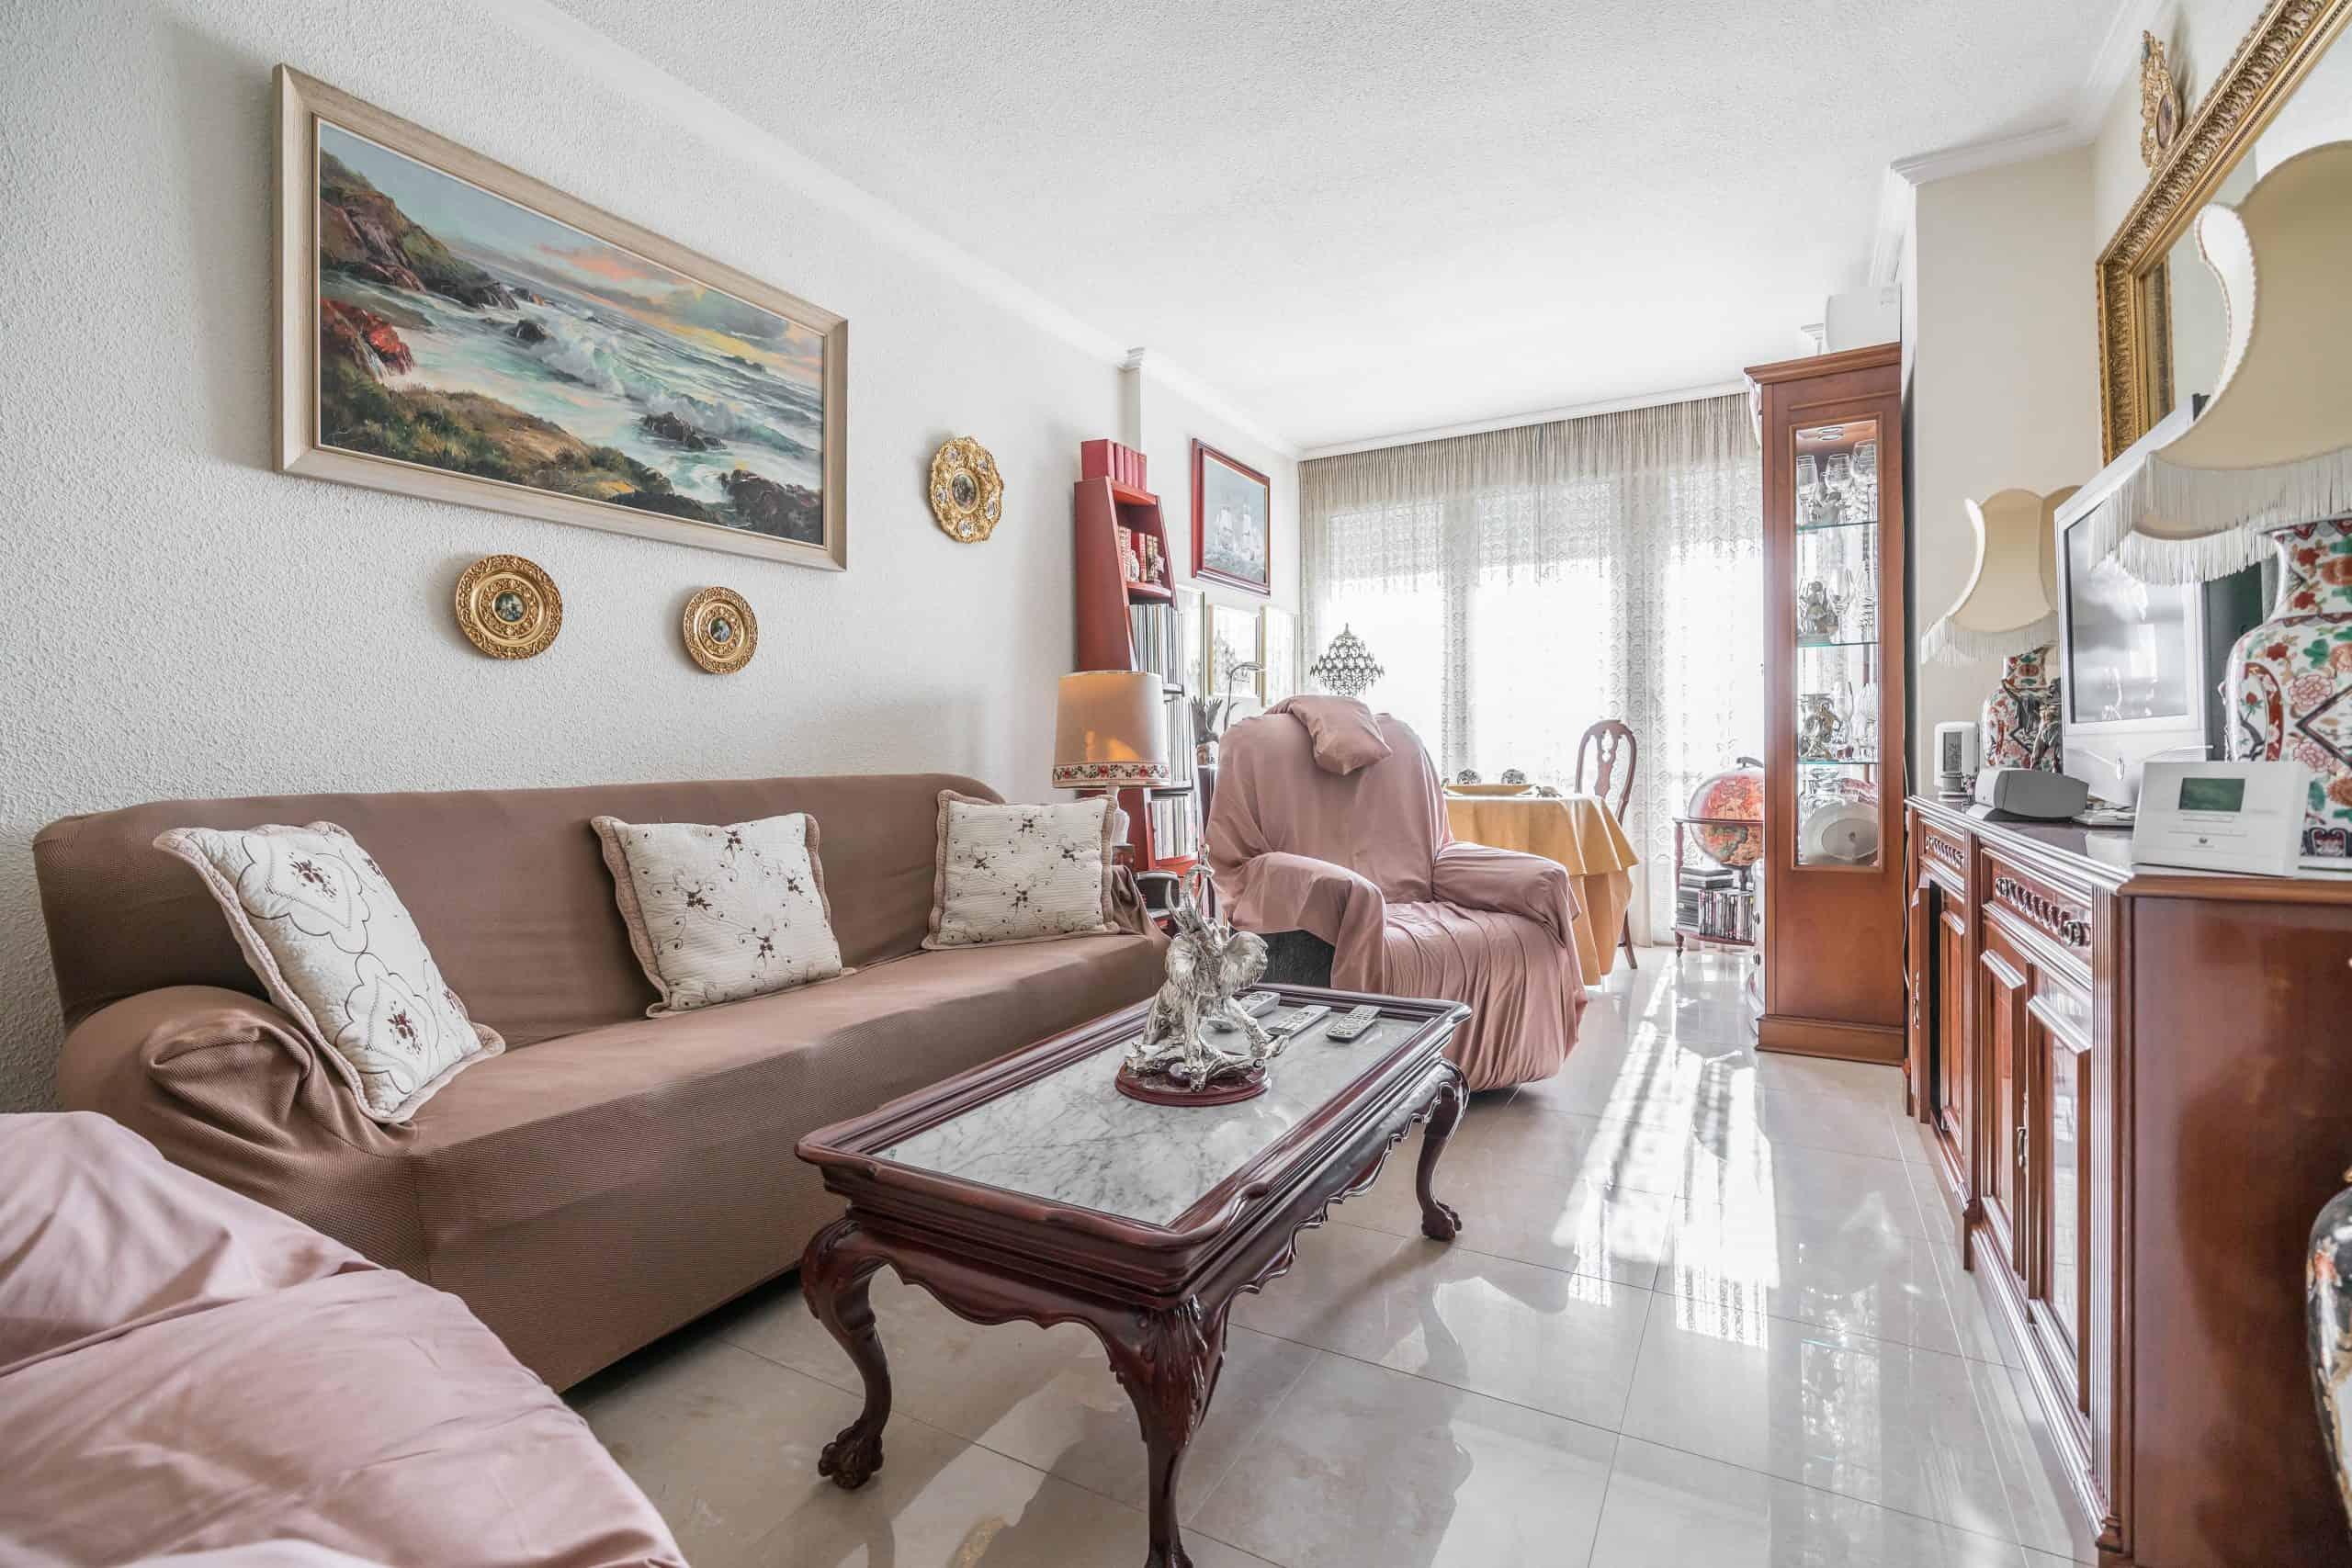 Agencia Inmobiliaria de Madrid-FUTUROCASA-Zona ARGANZUELA-EMBAJADORES-LEGAZPI -calle Santa María de la Cabeza1 SALON (1)